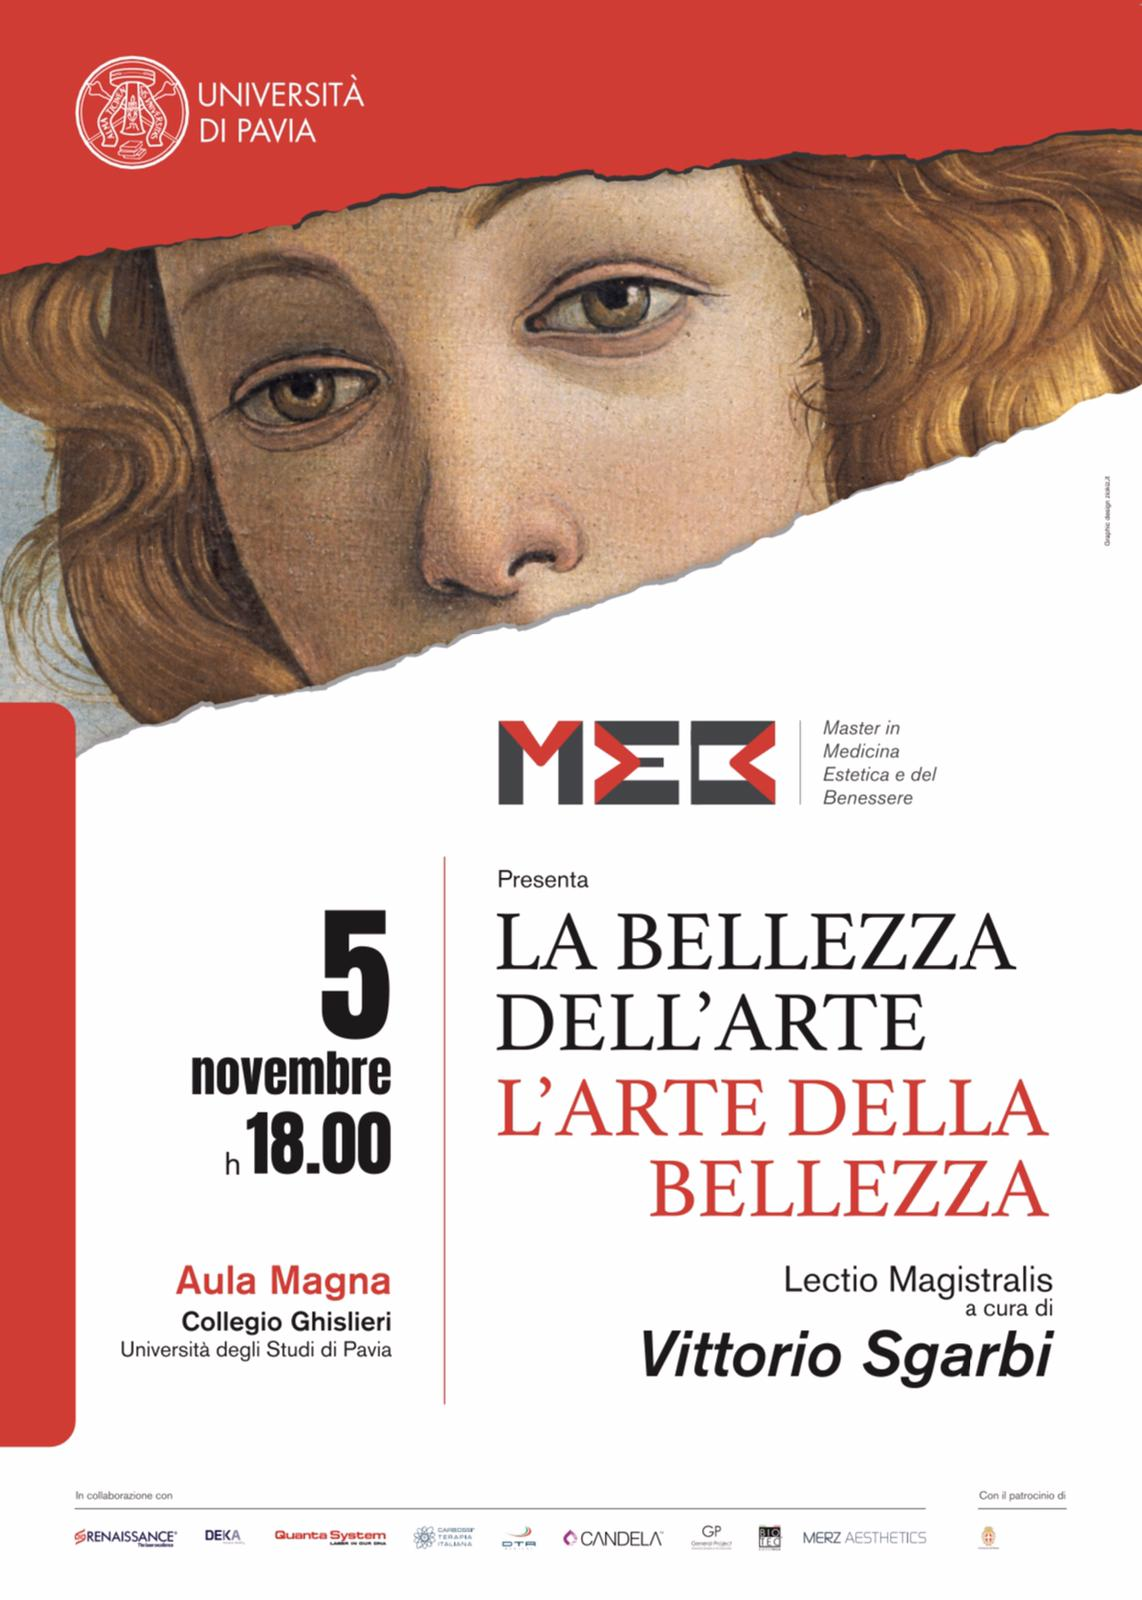 Ottava edizione del Master di Secondo Livello di Medicina Estetica e del Benessere dell'Università di Pavia